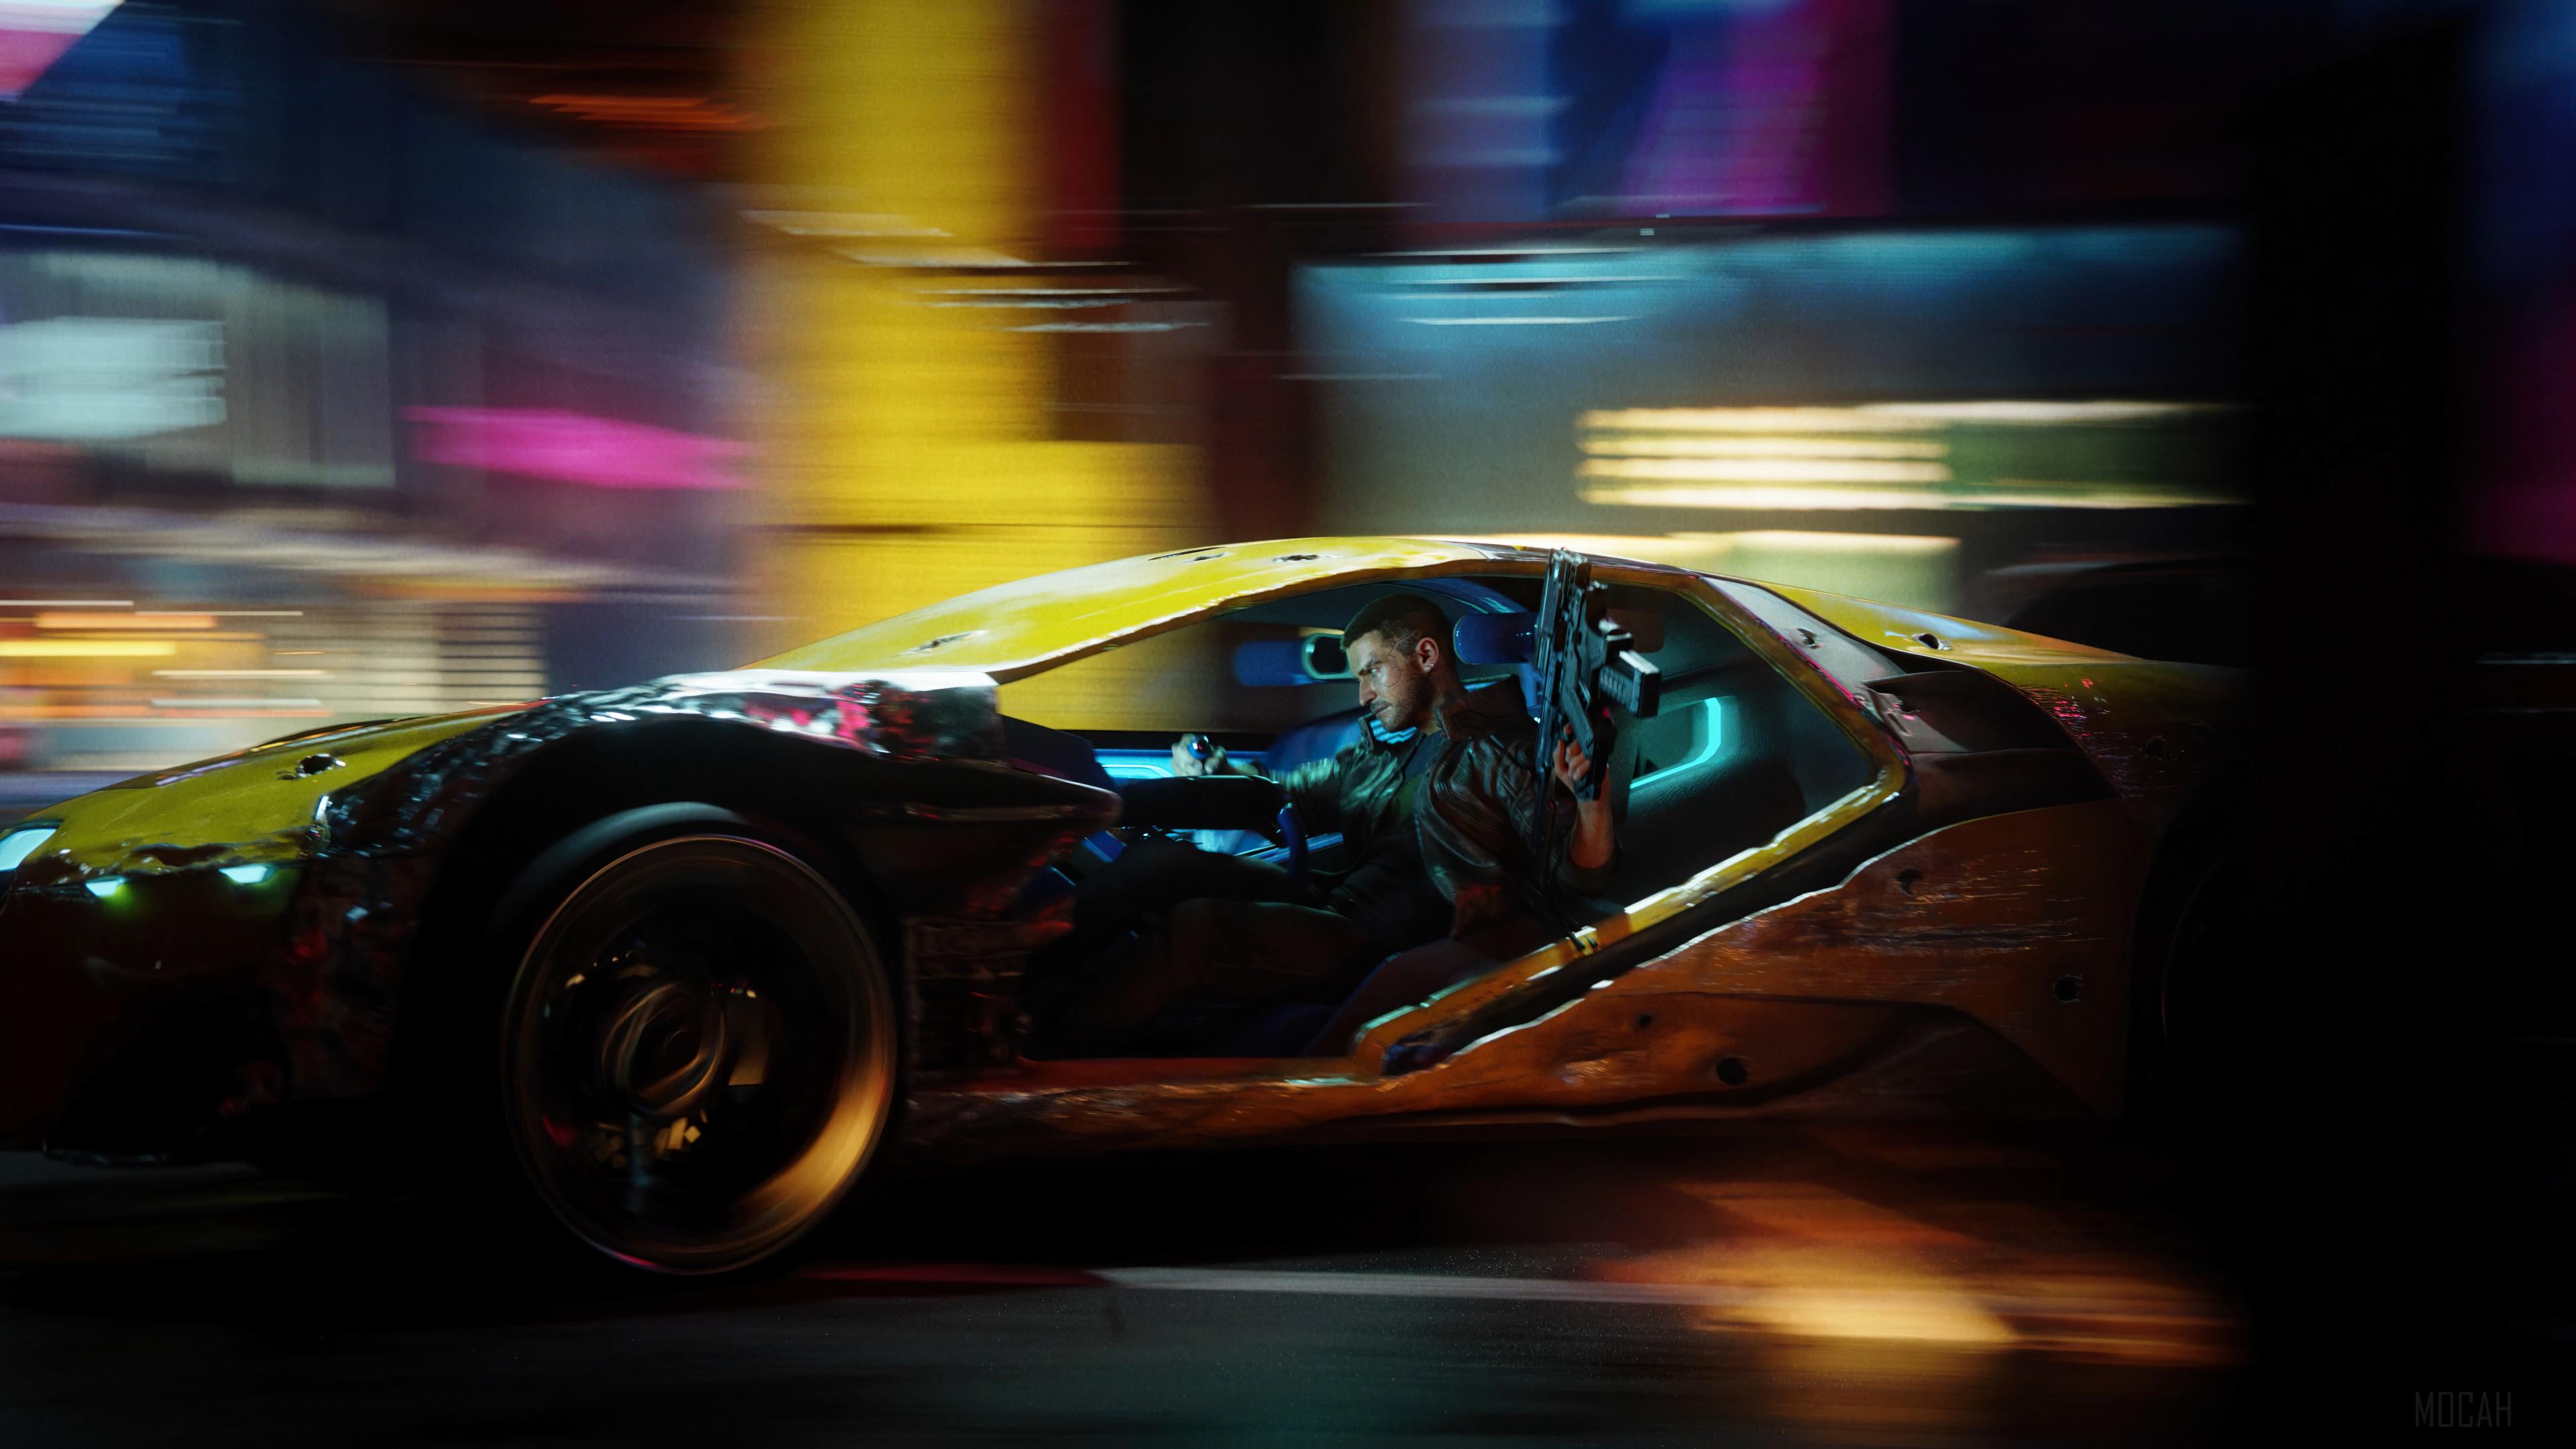 Wallpaper Guy driving with gun Cyberpunk 2077